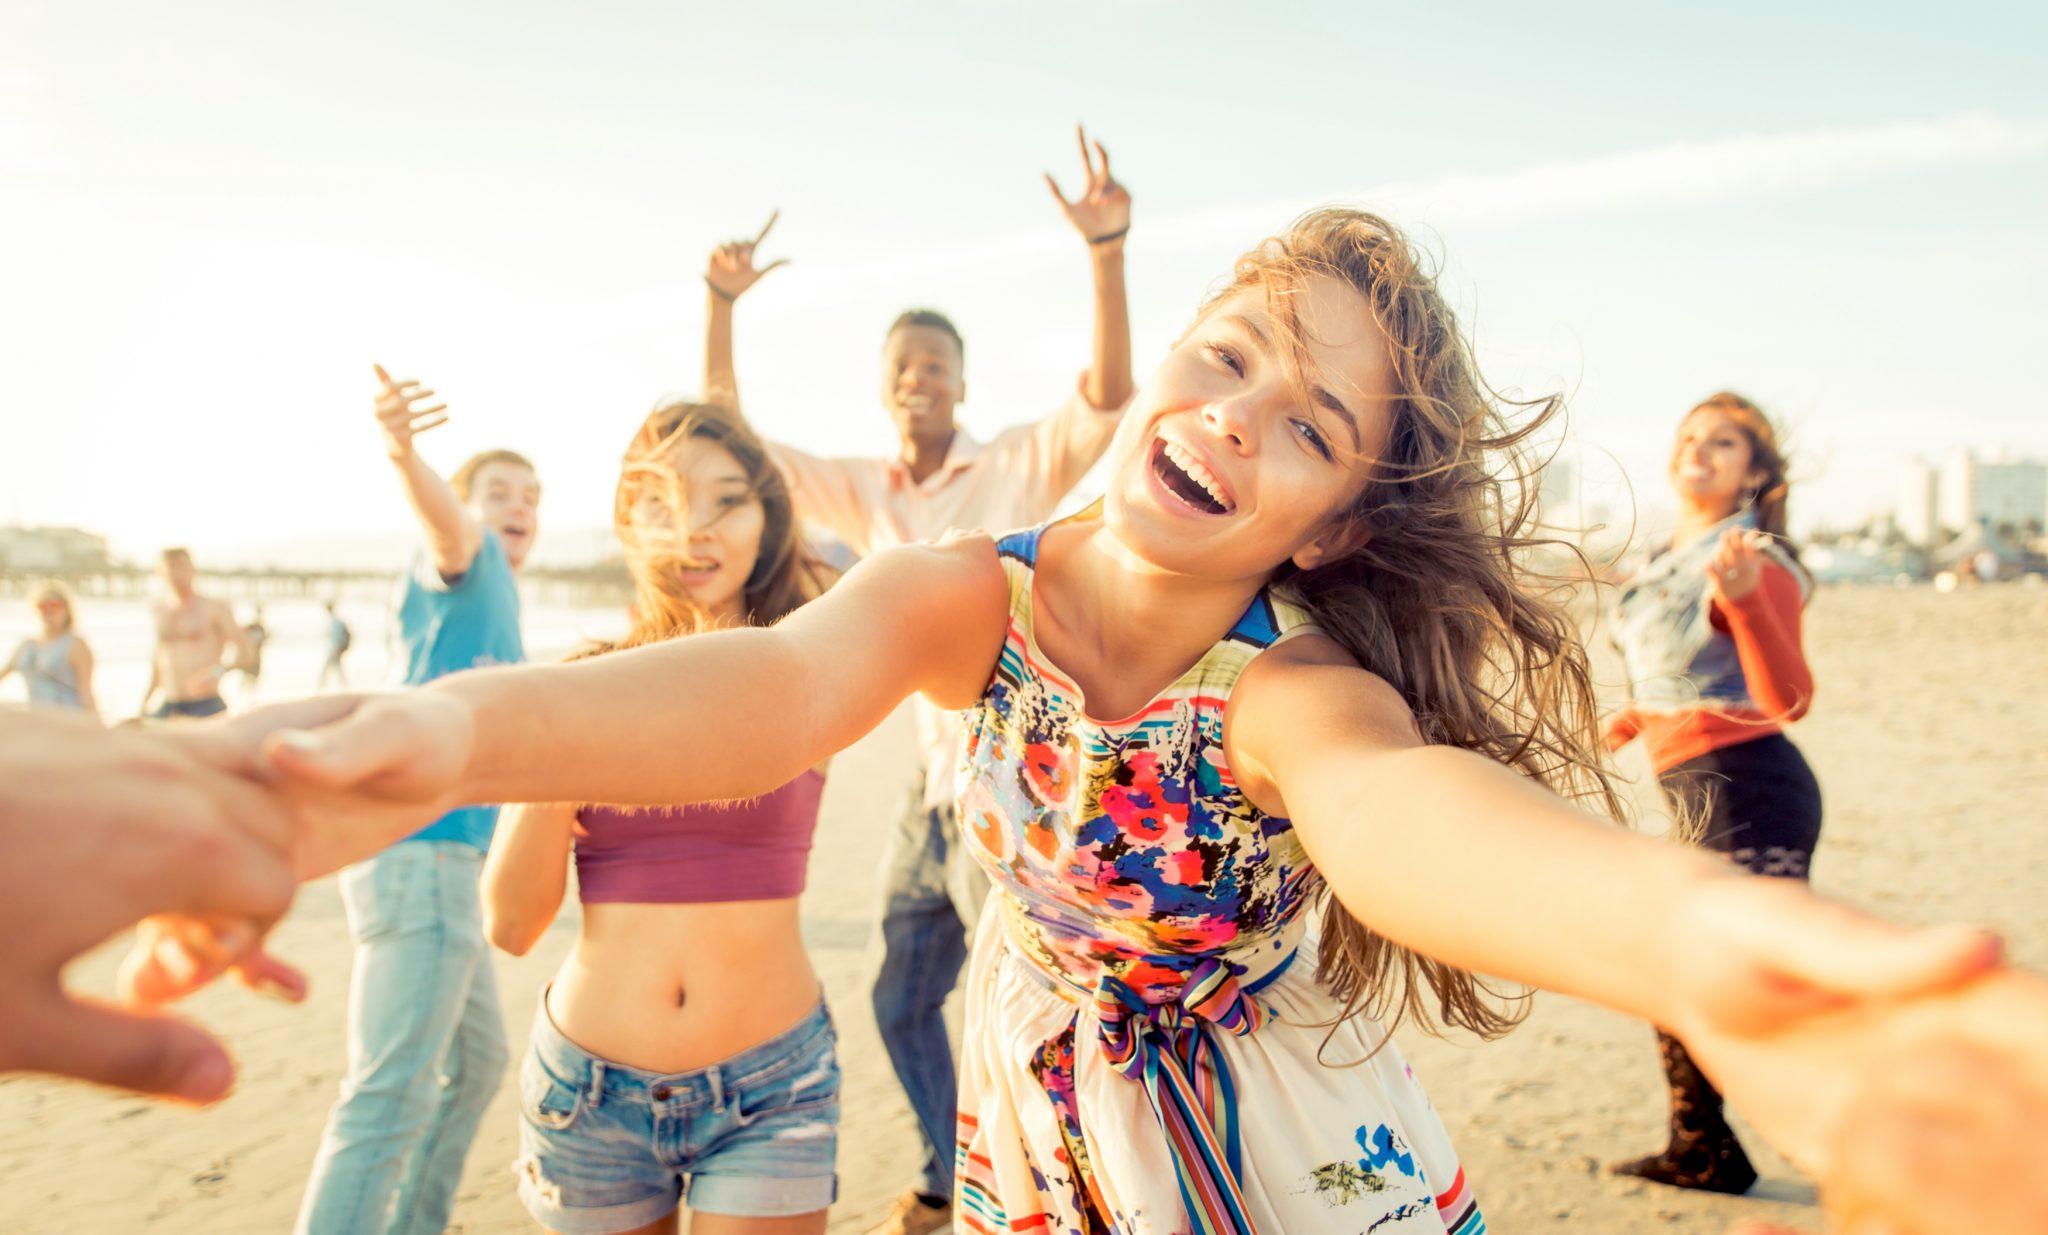 ビーチで友達と遊んでいる女性